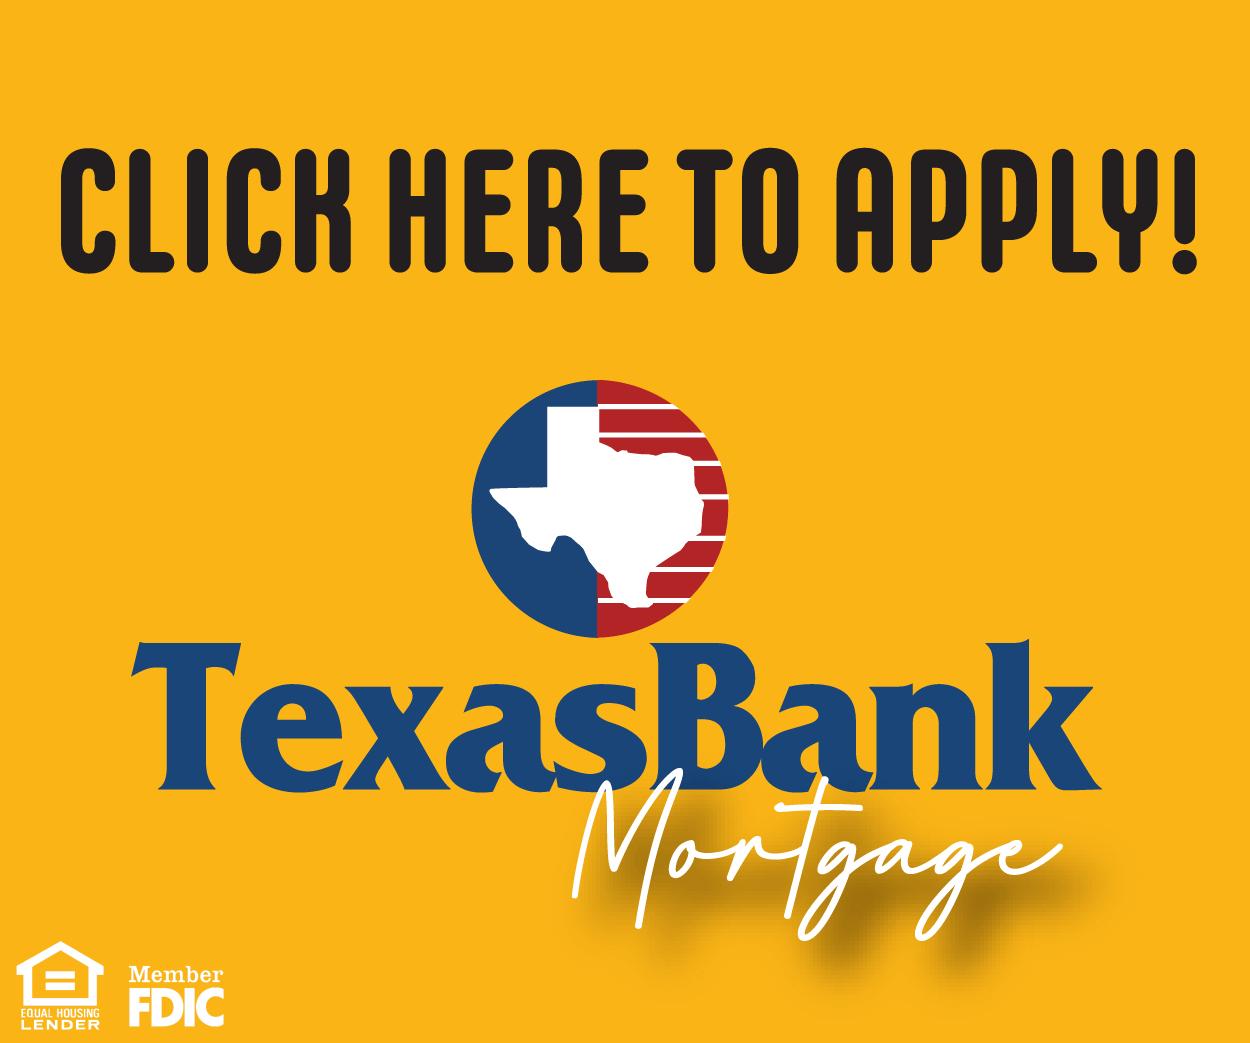 TexasBank2019MortgageAdsFlash-03